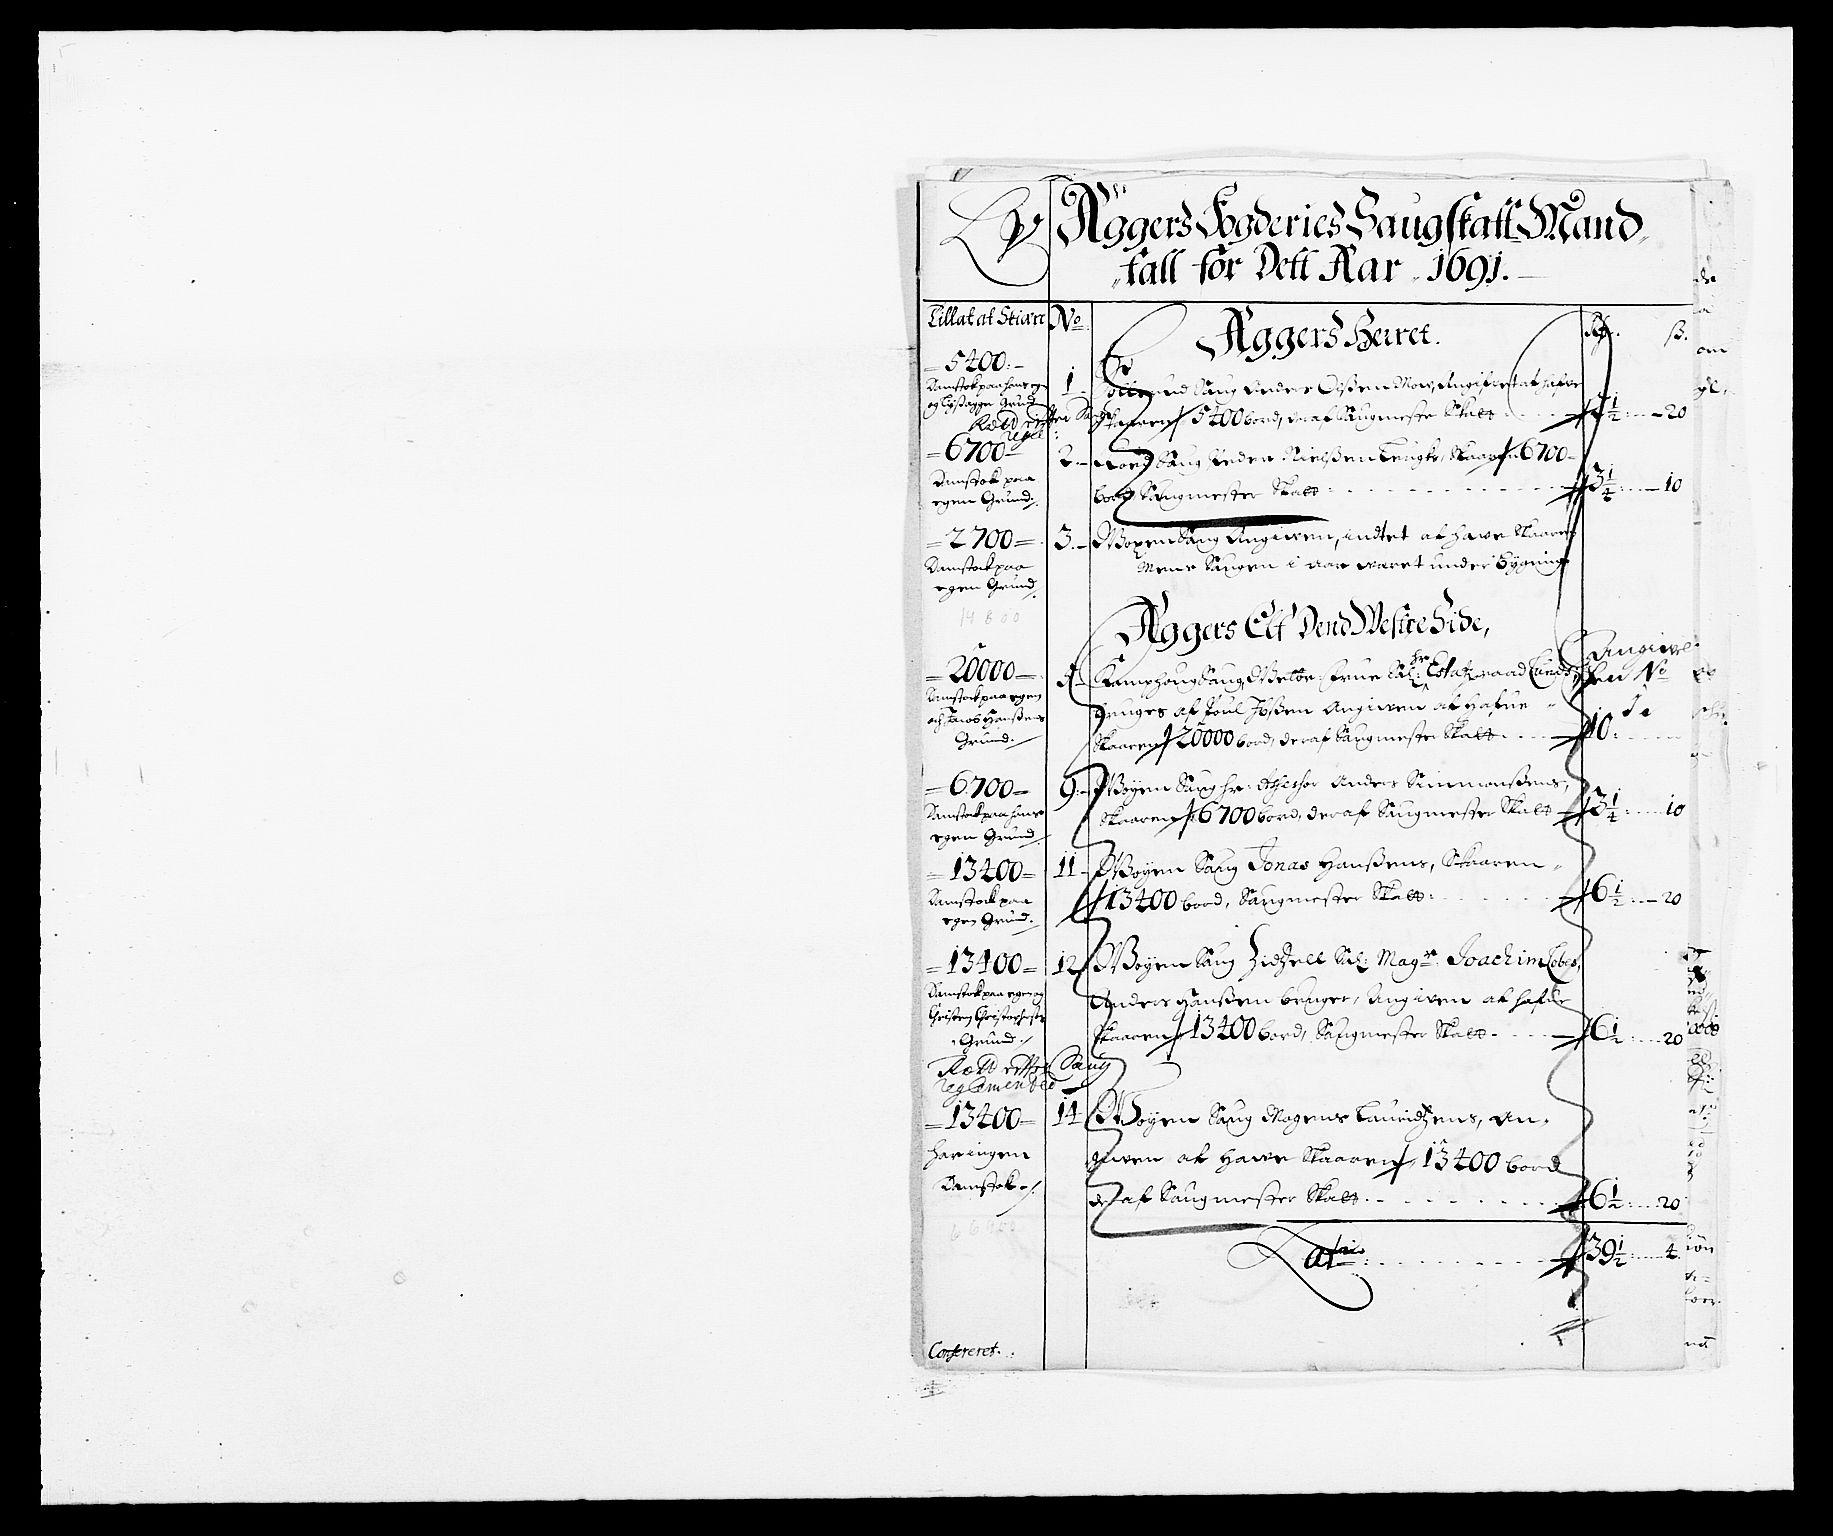 RA, Rentekammeret inntil 1814, Reviderte regnskaper, Fogderegnskap, R08/L0423: Fogderegnskap Aker, 1687-1689, s. 302